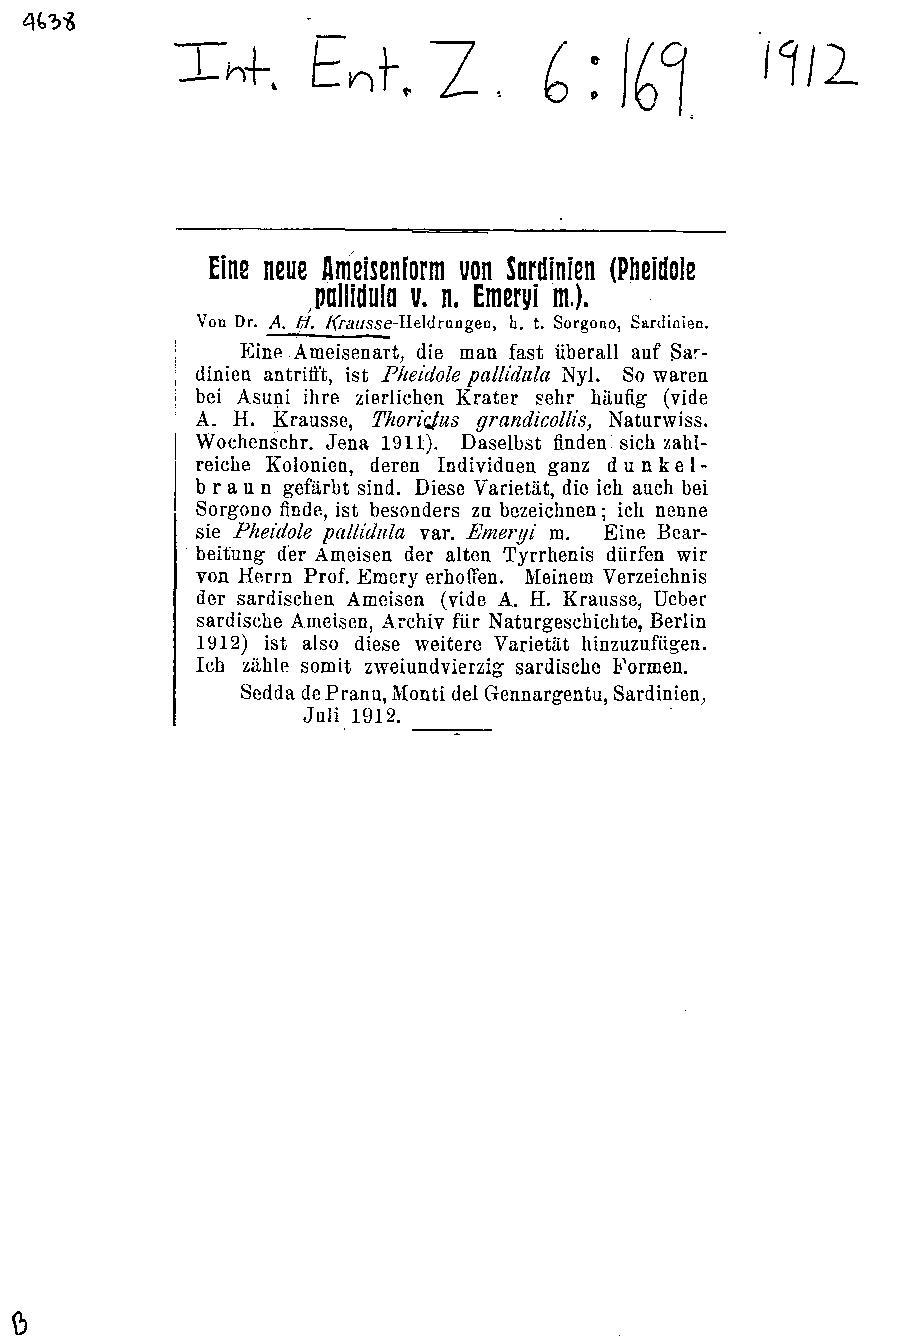 A. H. Krausse-Heldrungen - Eine neue Ameisenform von Sardinien (Pheidole pallidula v. n. emeryi m.).